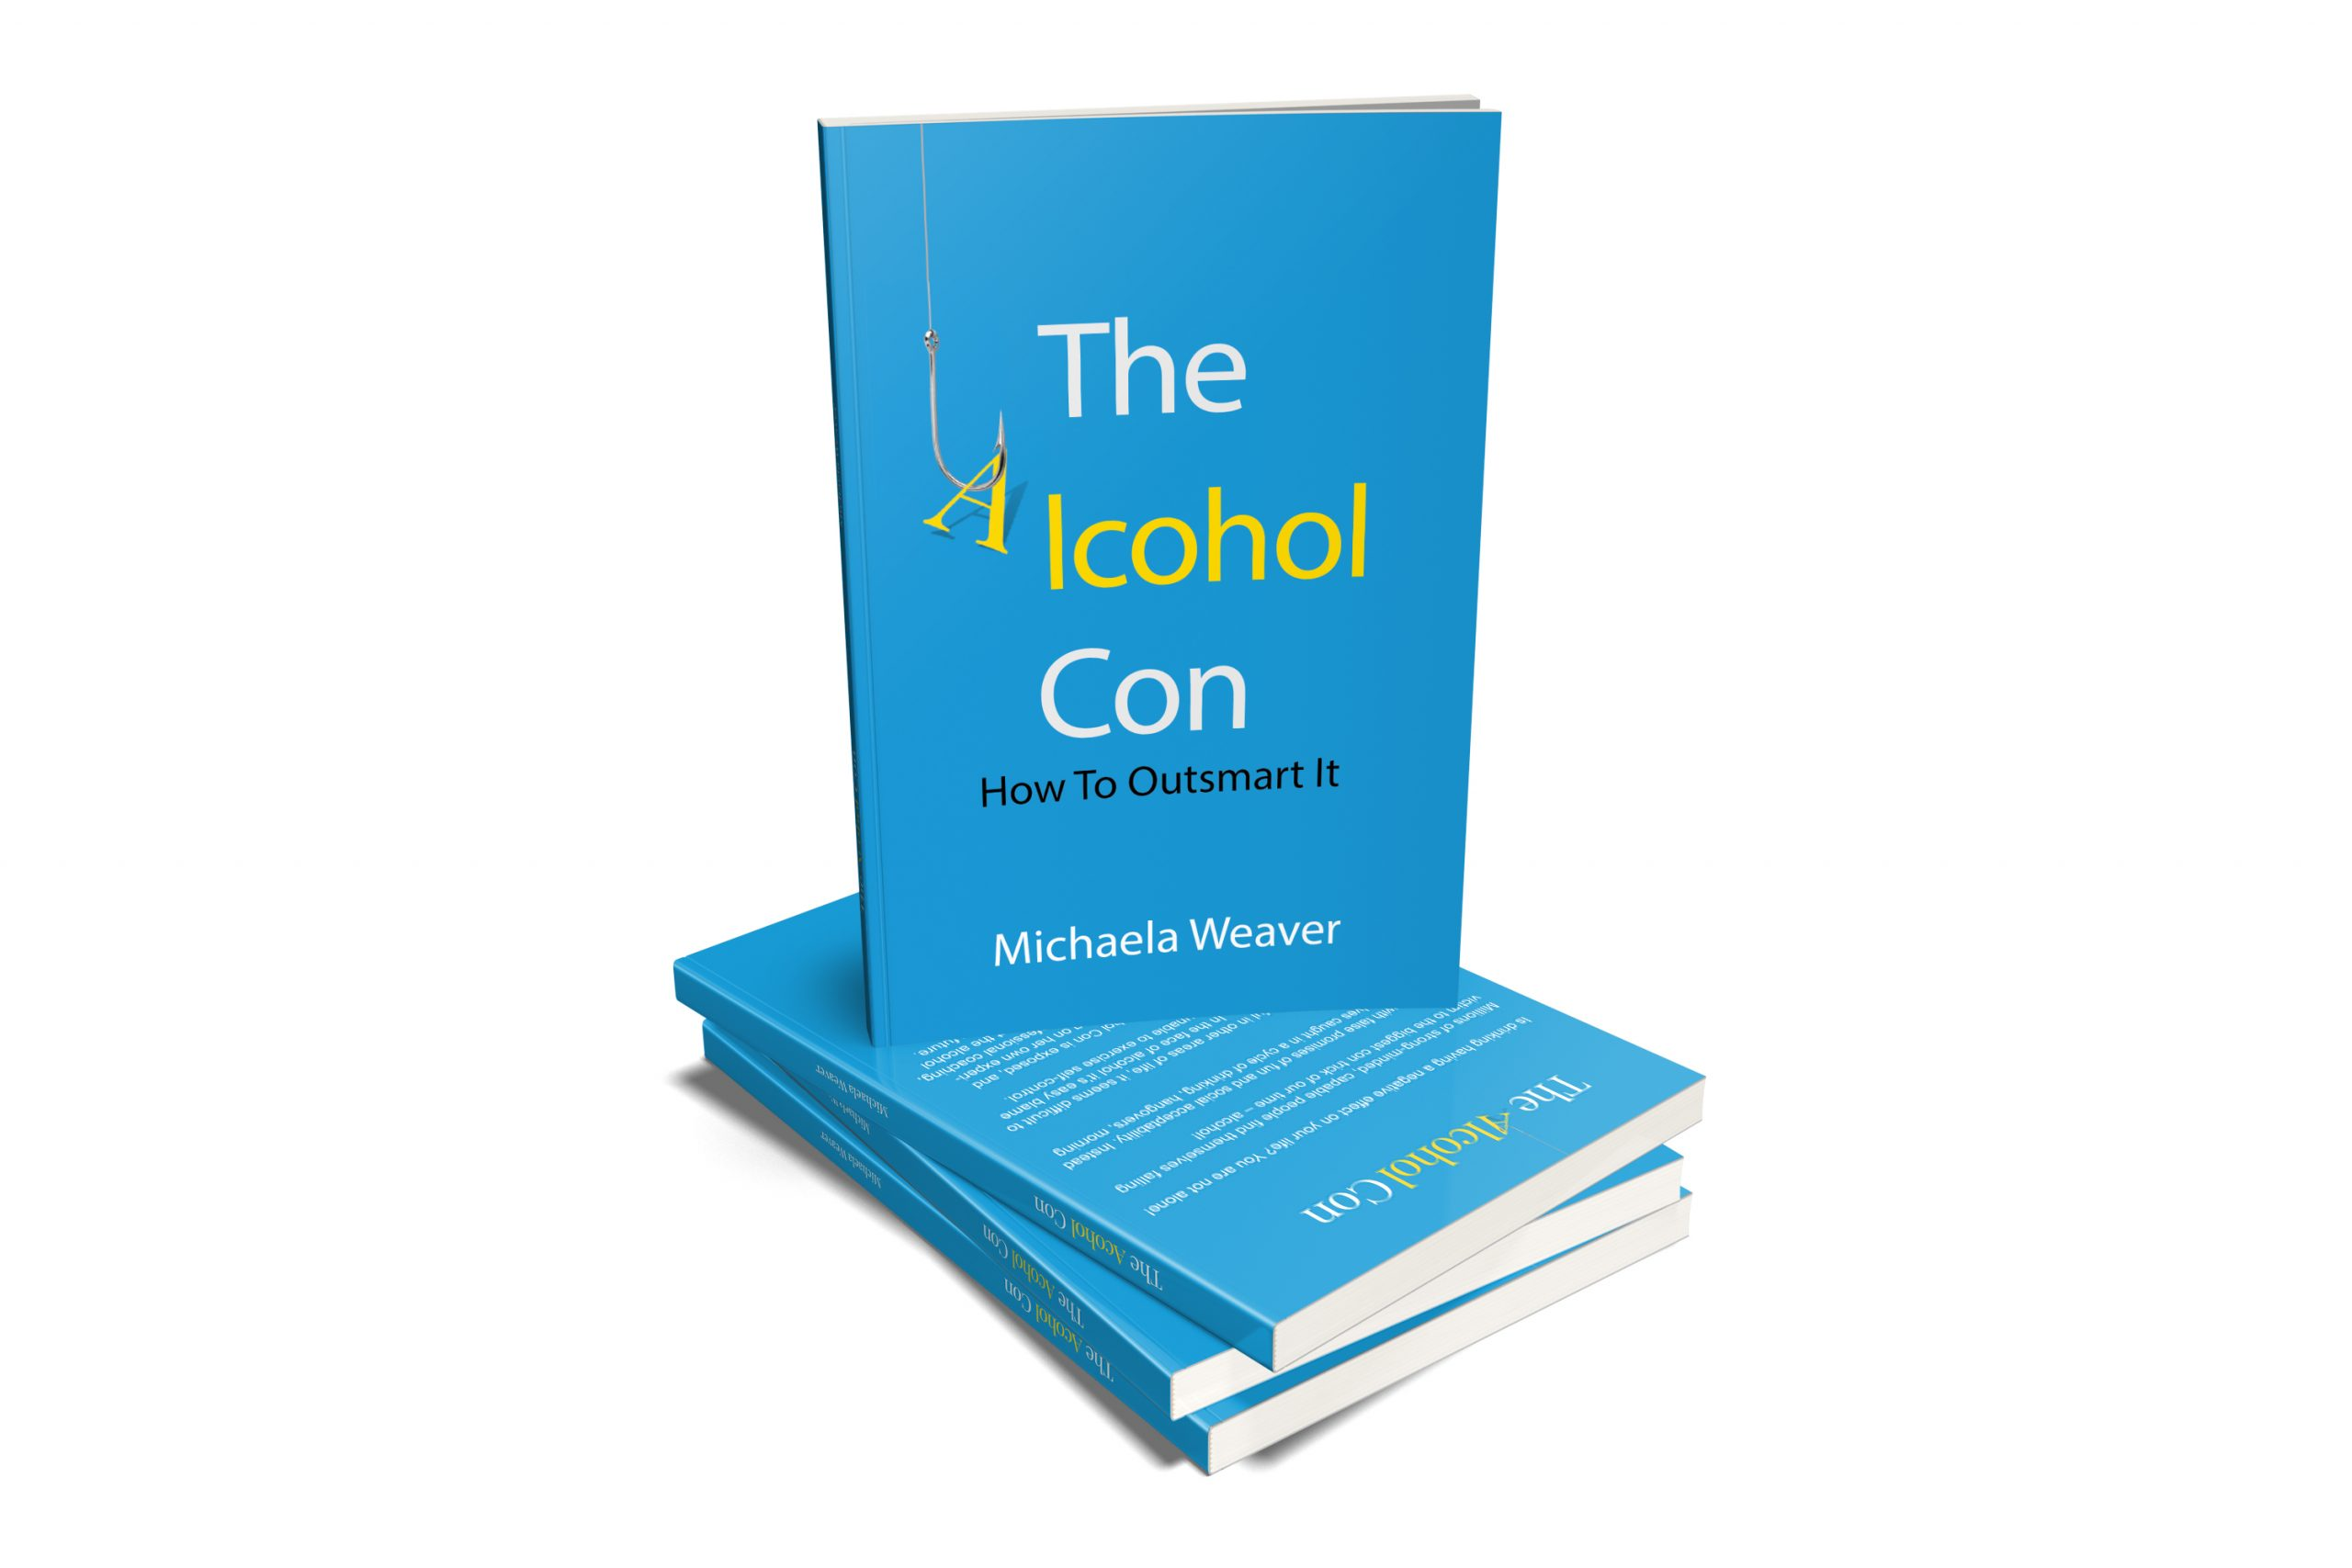 The Alcohol Con